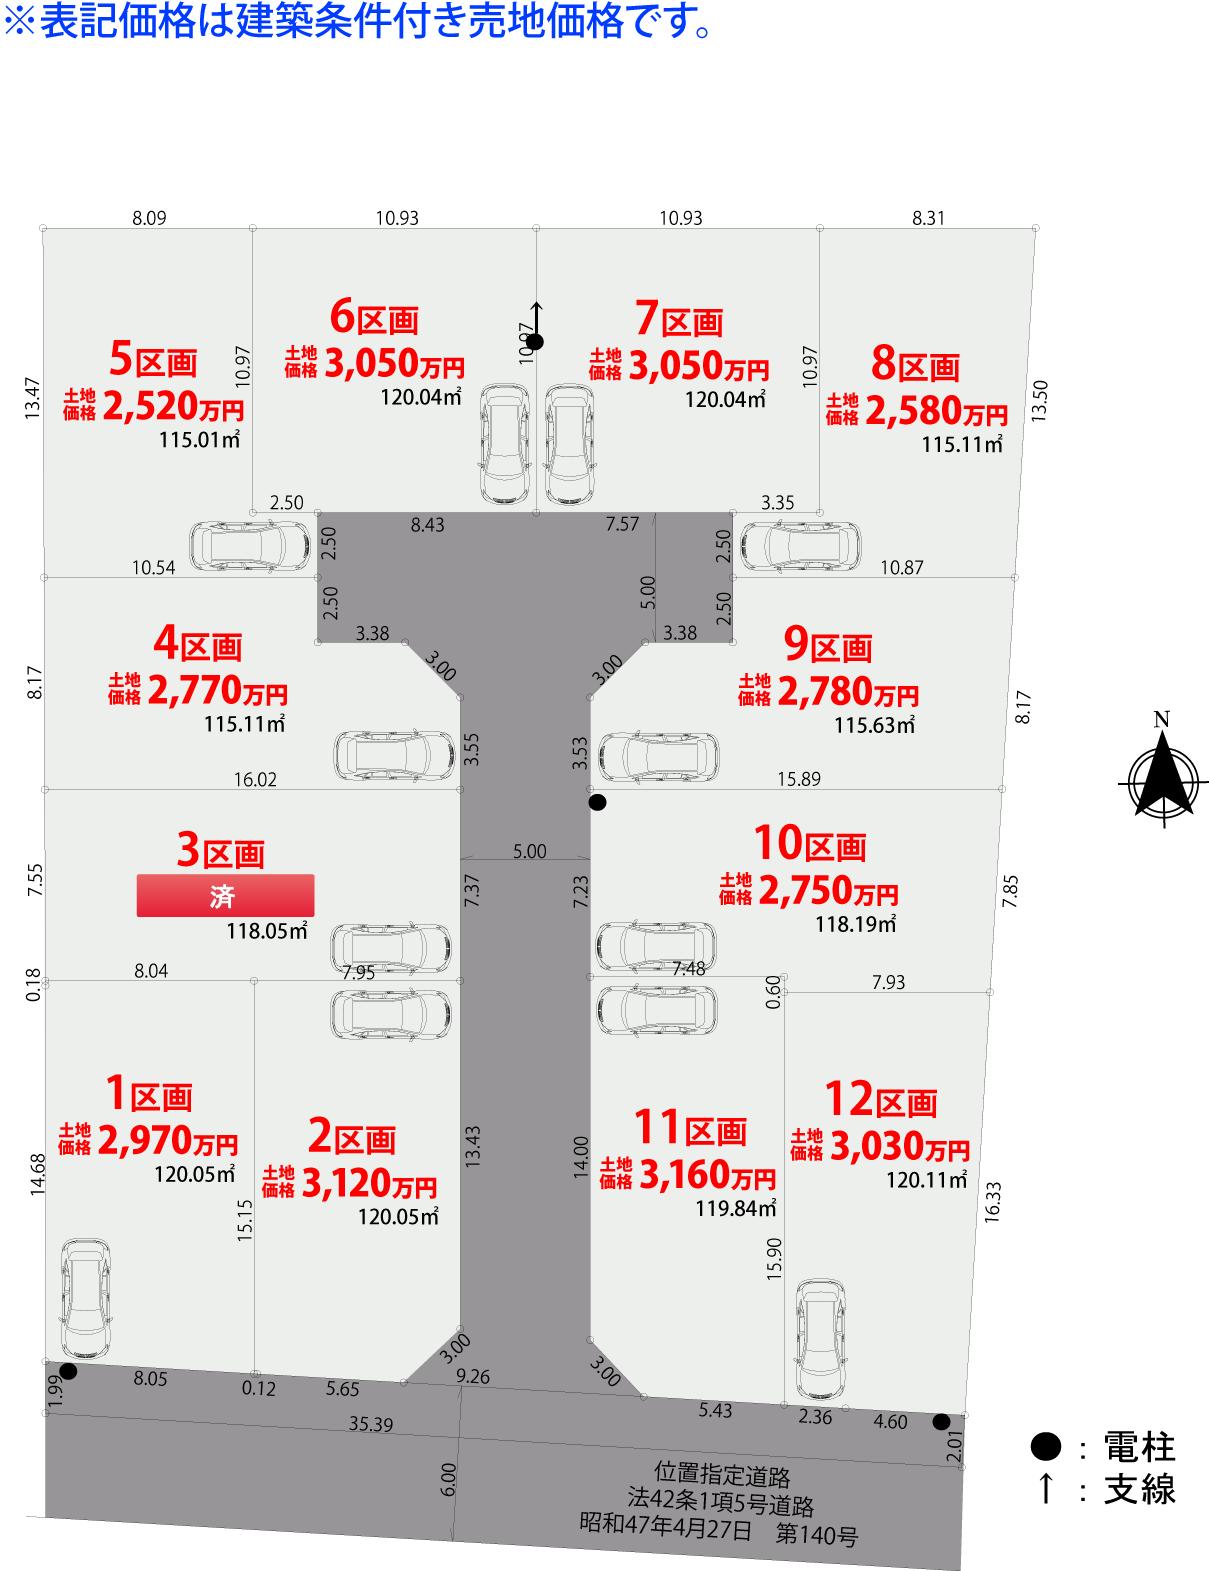 【区画図】東久留米市前沢Ⅱ期【全12区画】